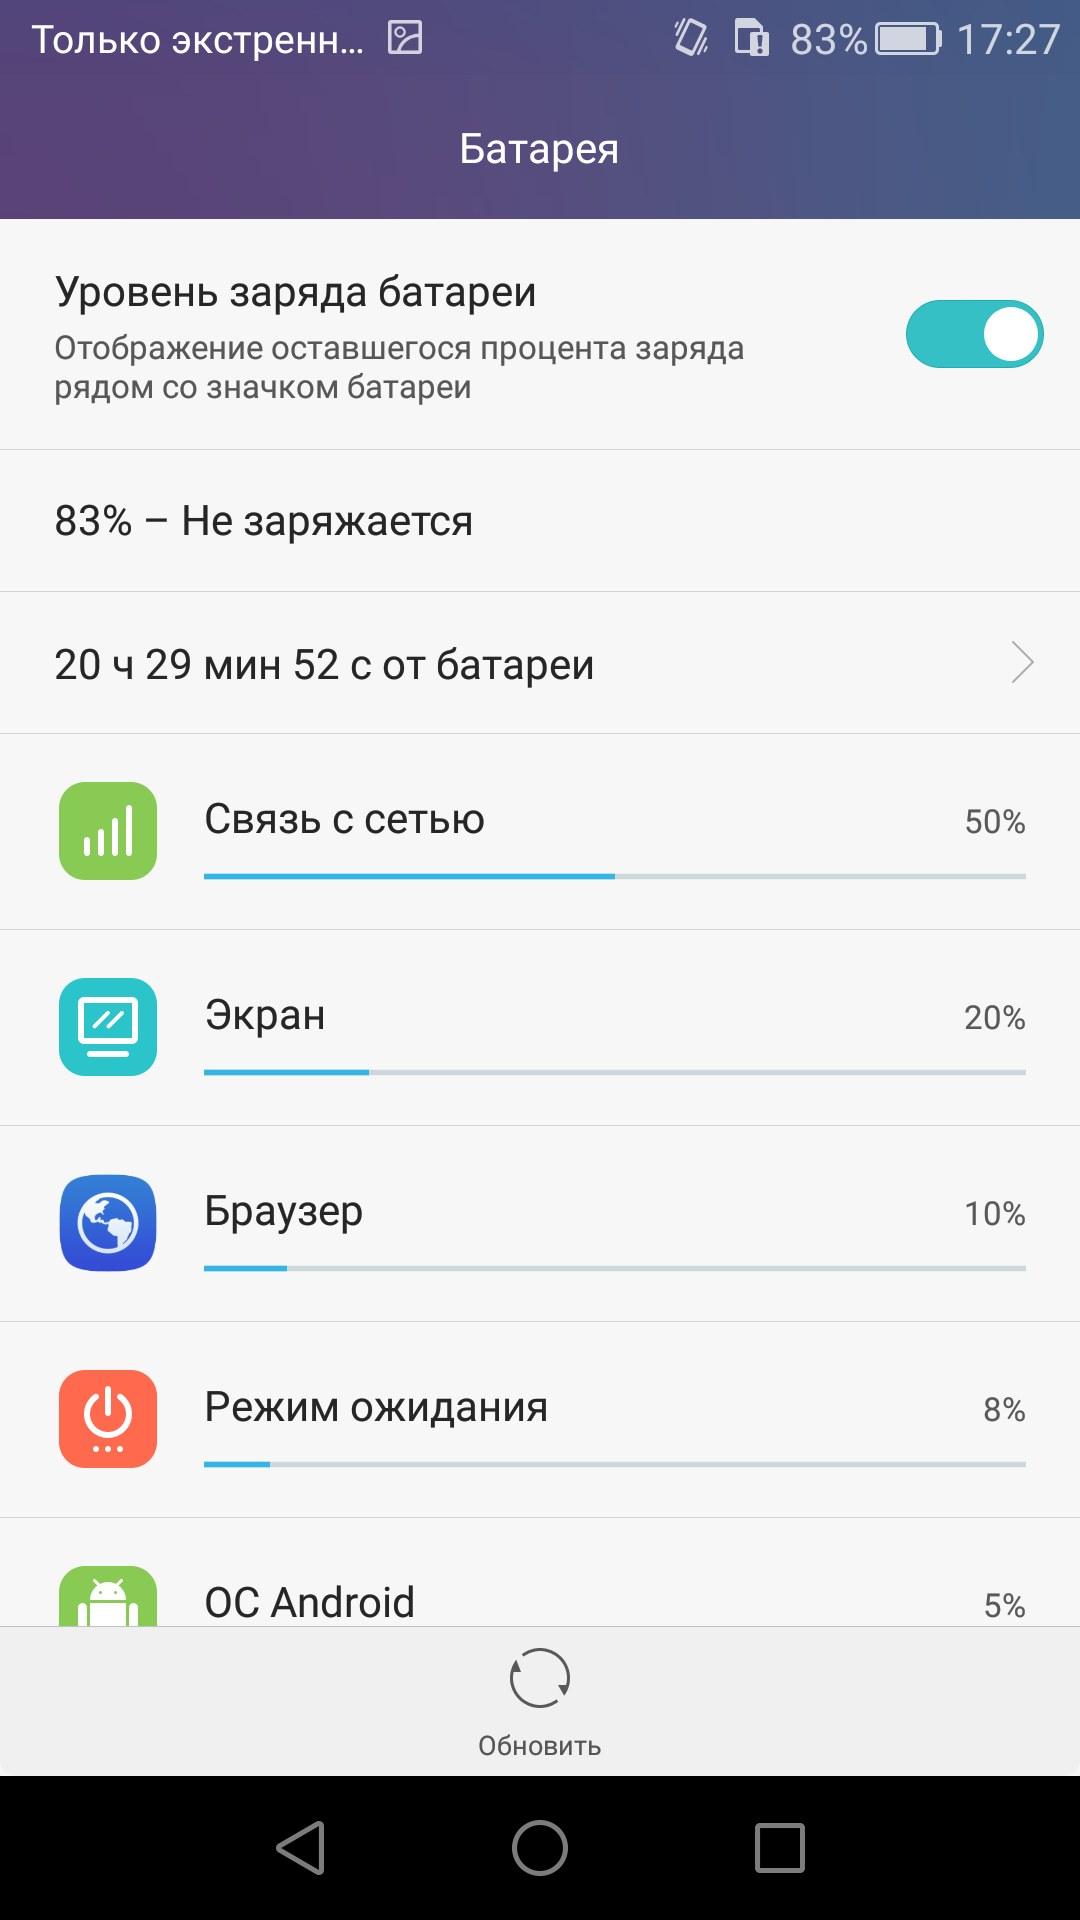 Как сделать проценты на андроид